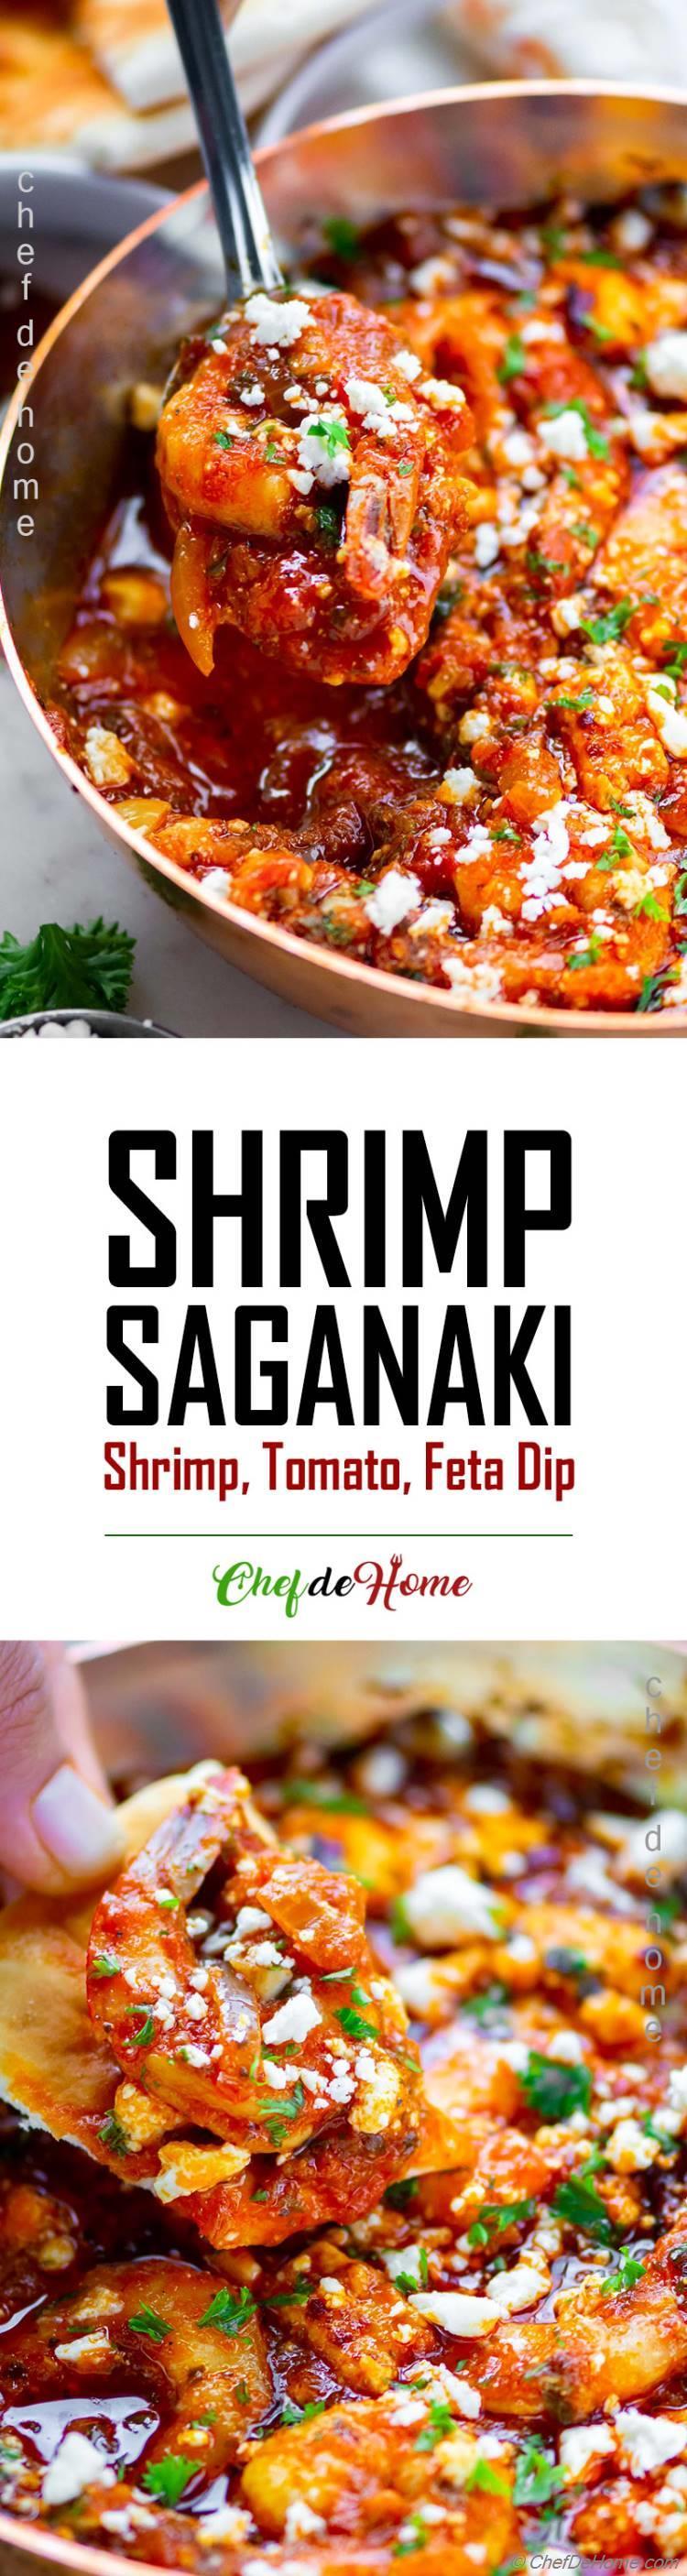 Shrimp Tomatoes and Feta Dip